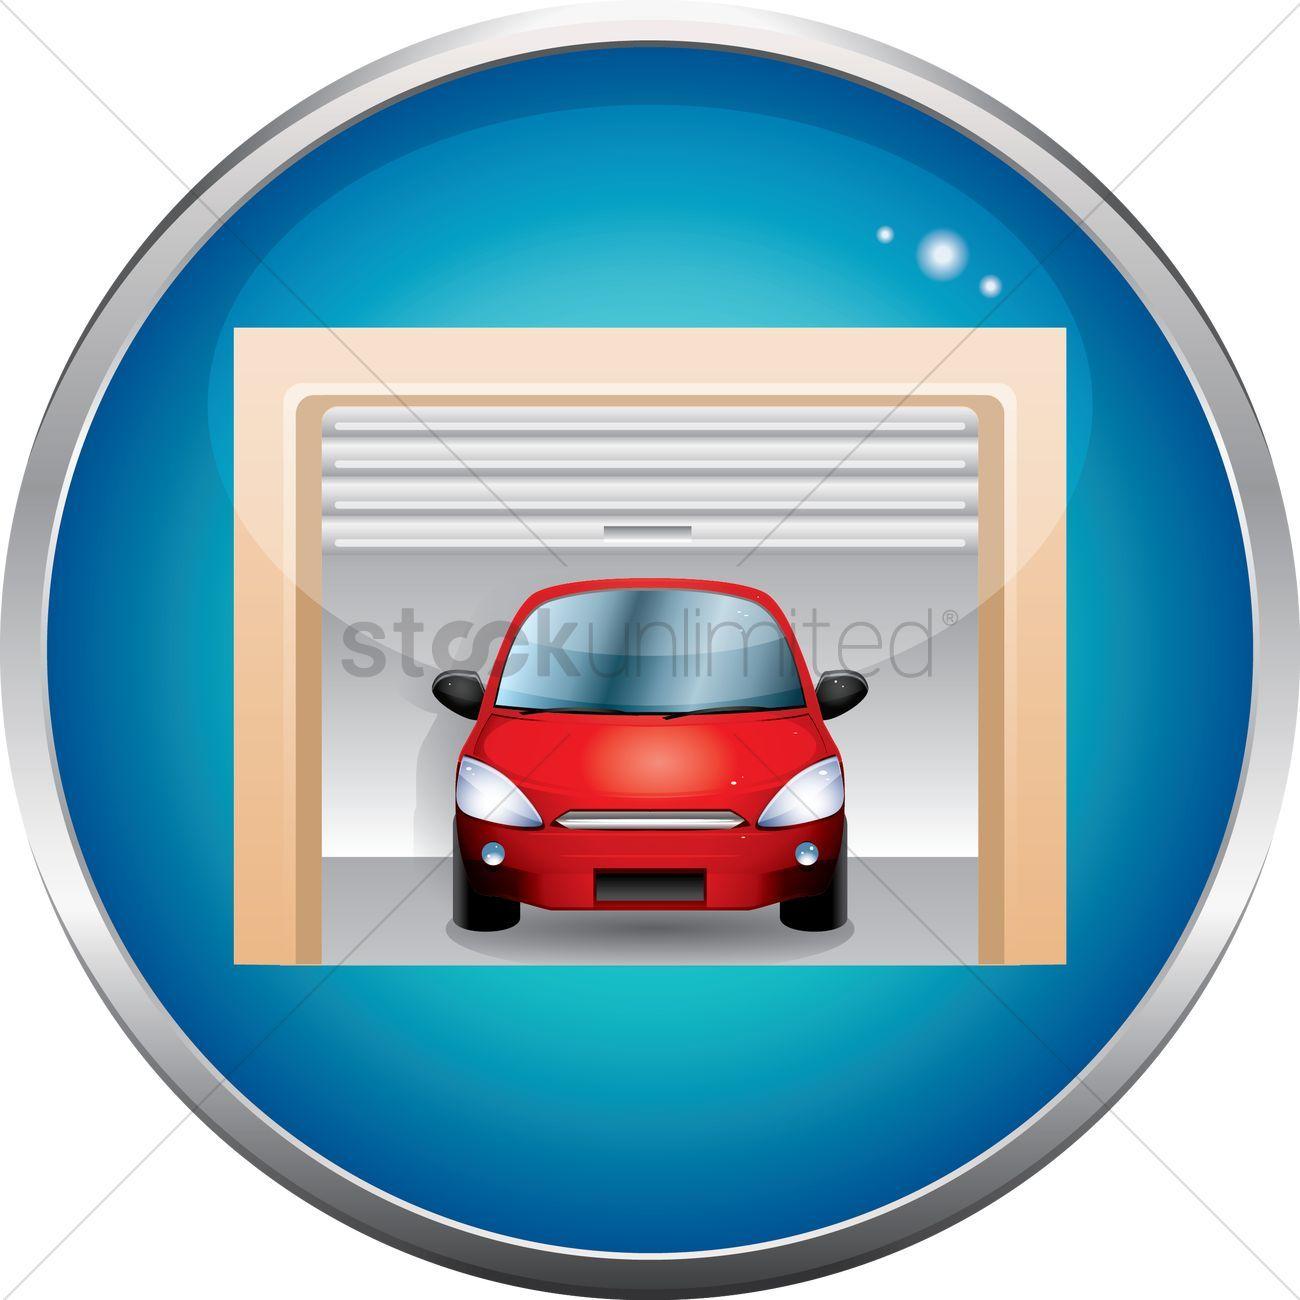 Car Garage Vectors Stock Clipart Sponsored Garage Car Vectors Clipart Stock Affiliate In 2020 Black White Photos Photo Black Abstract Photos